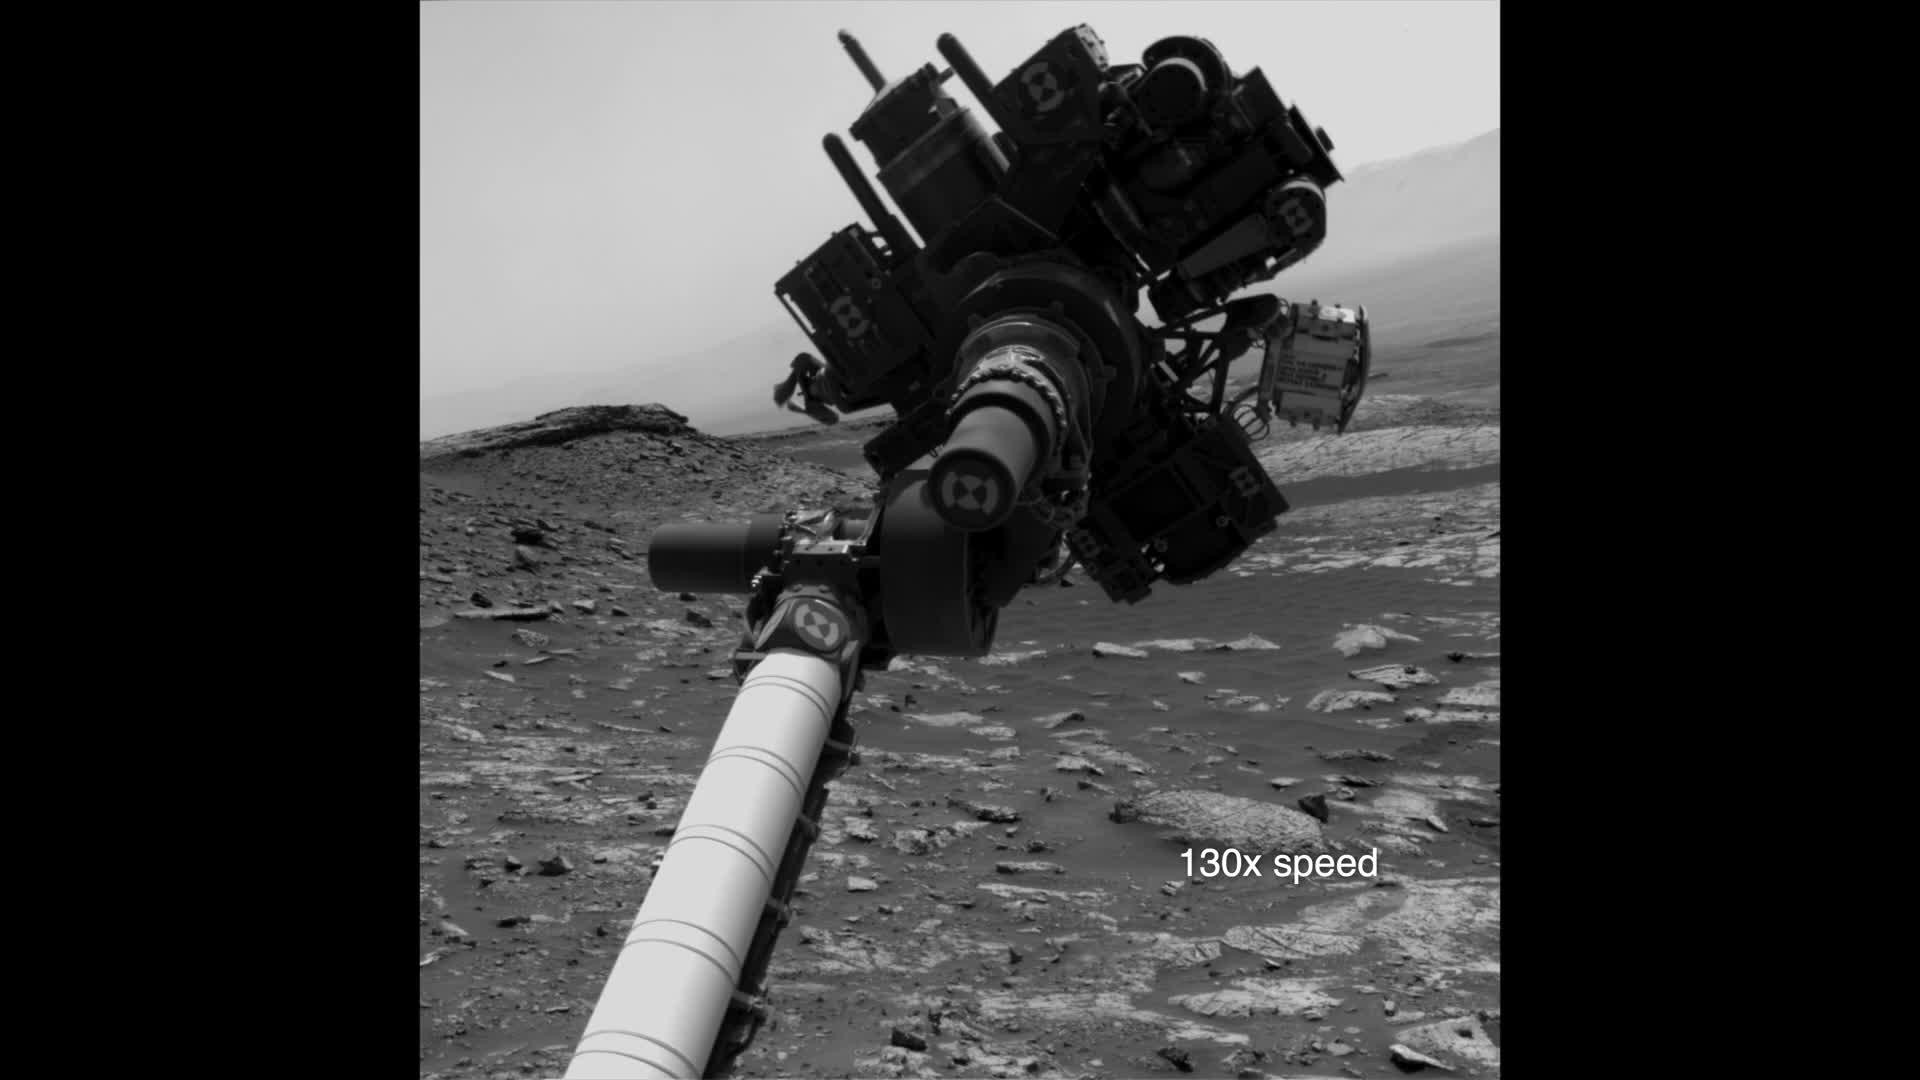 好奇号火星车的自拍照是怎样拍摄的